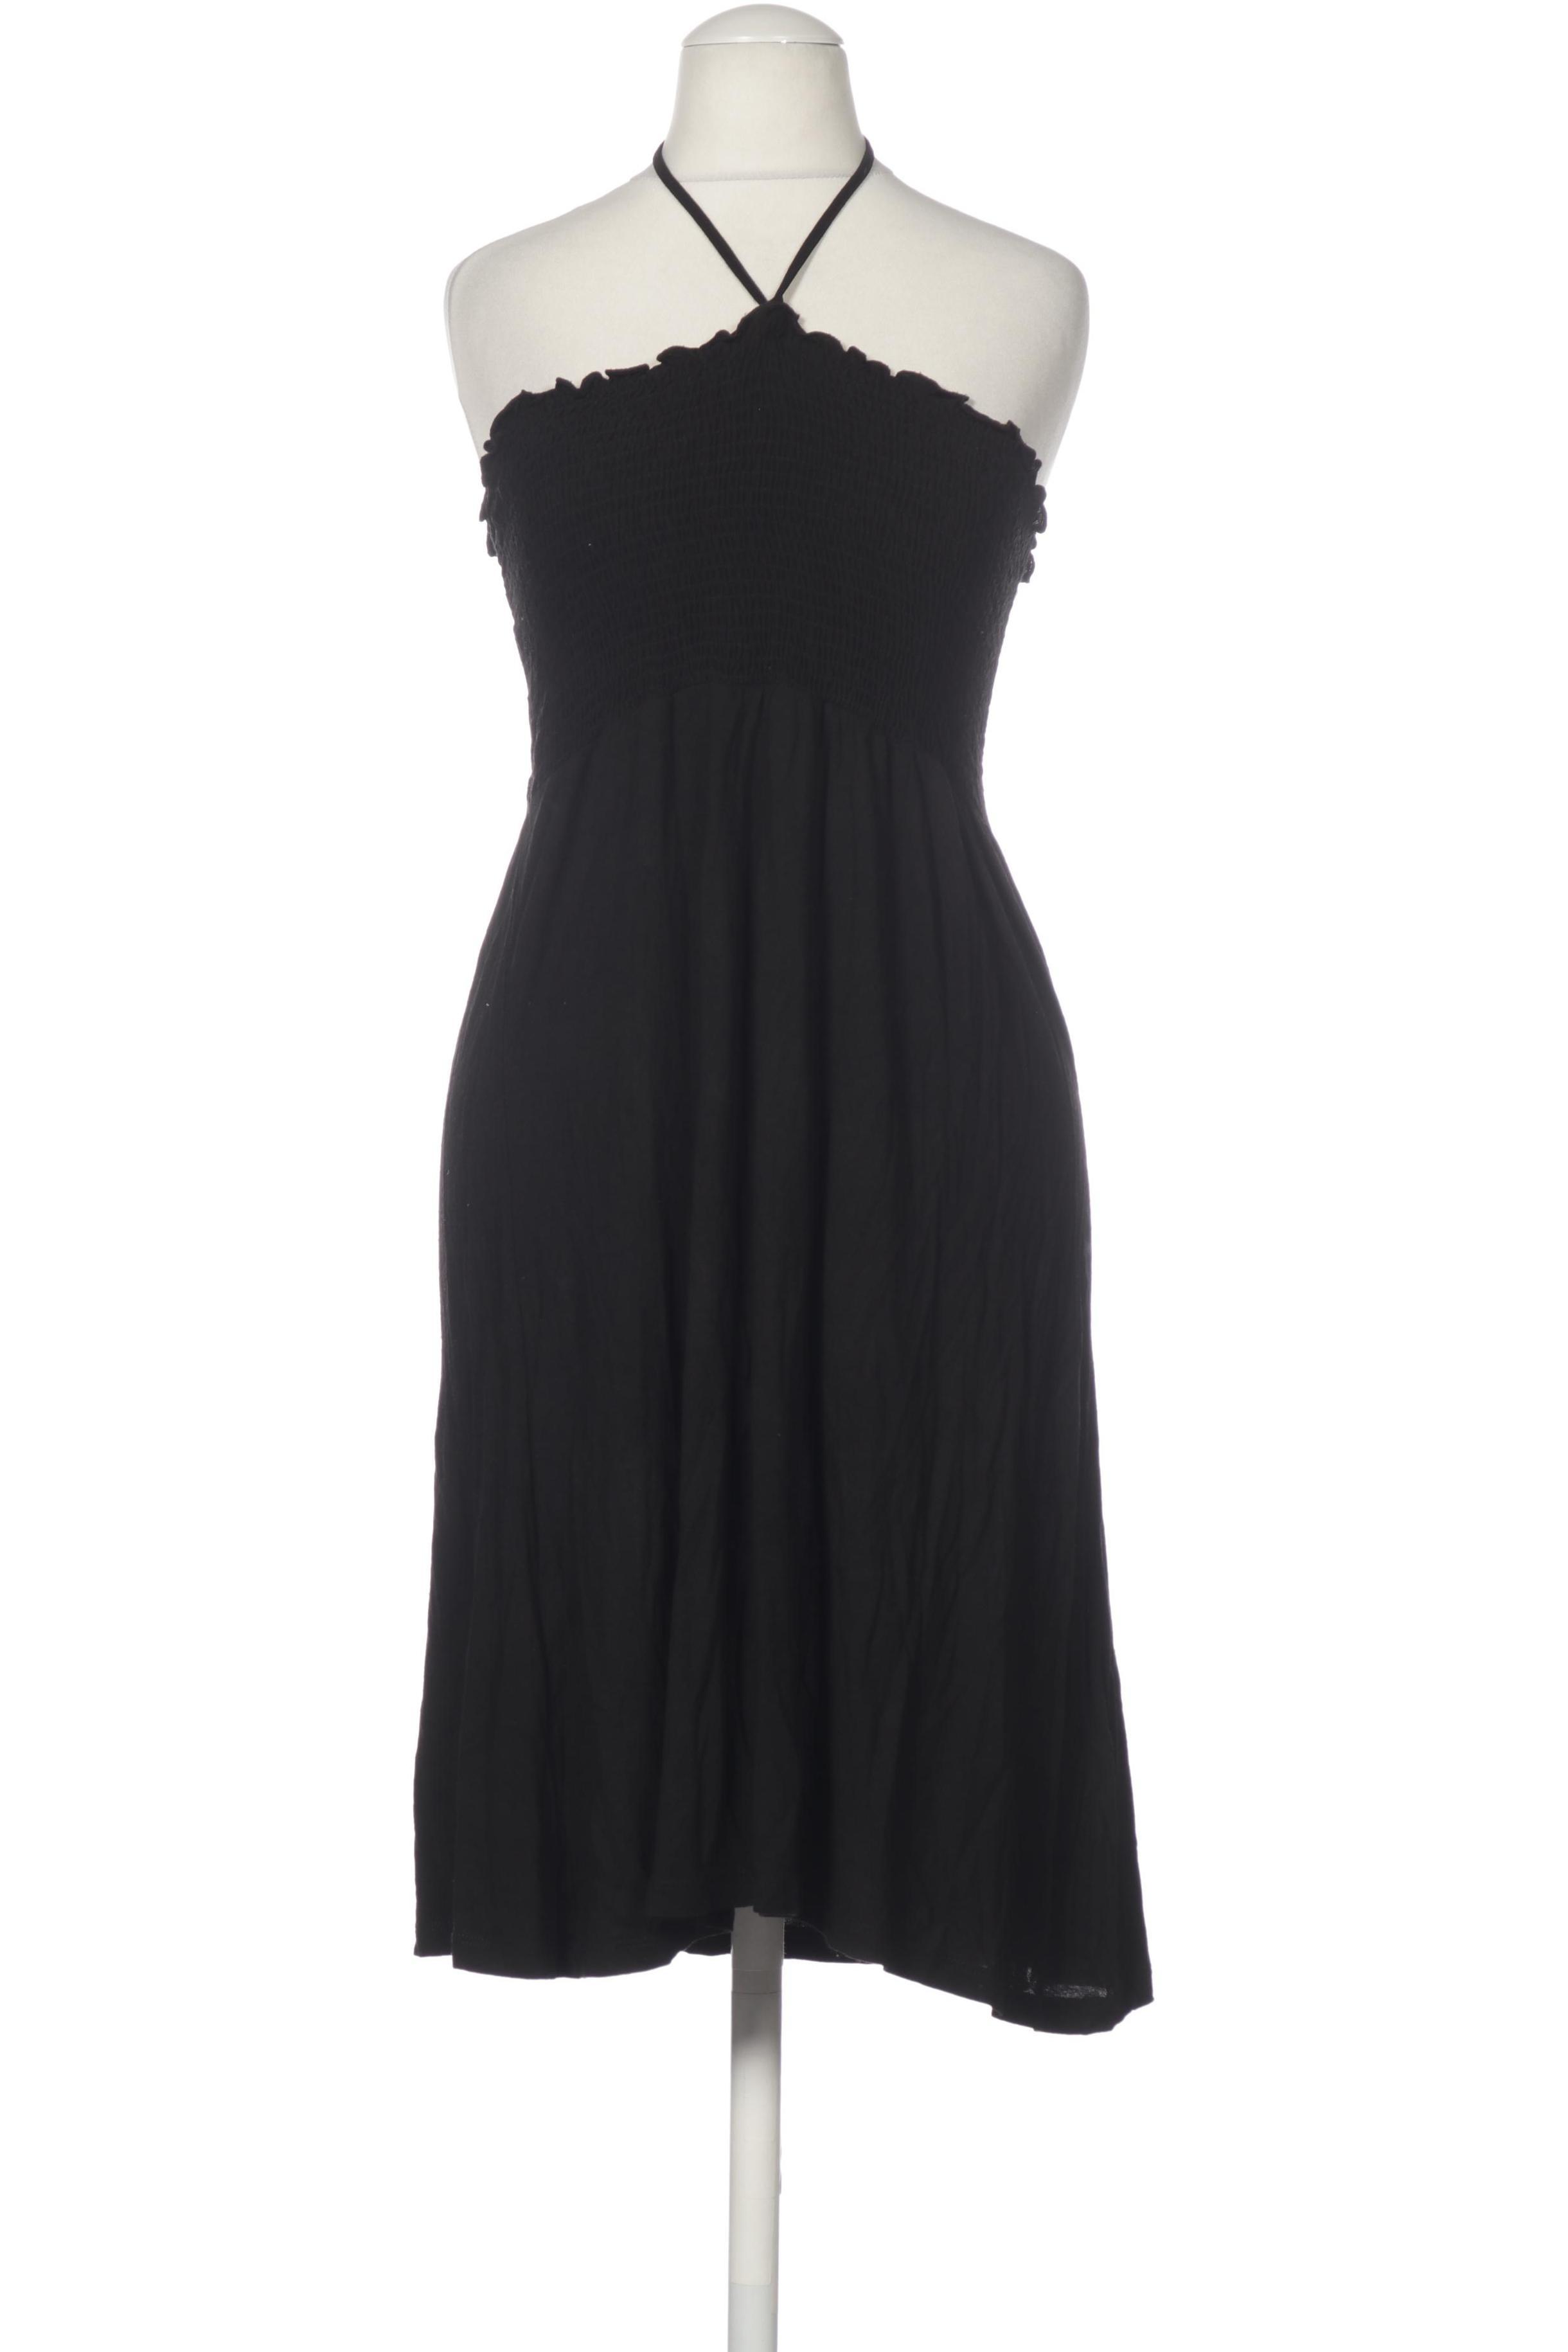 Details zu Hallhuber Kleid Damen Dress Damenkleid Gr. S Viskose schwarz  #188a188ded18